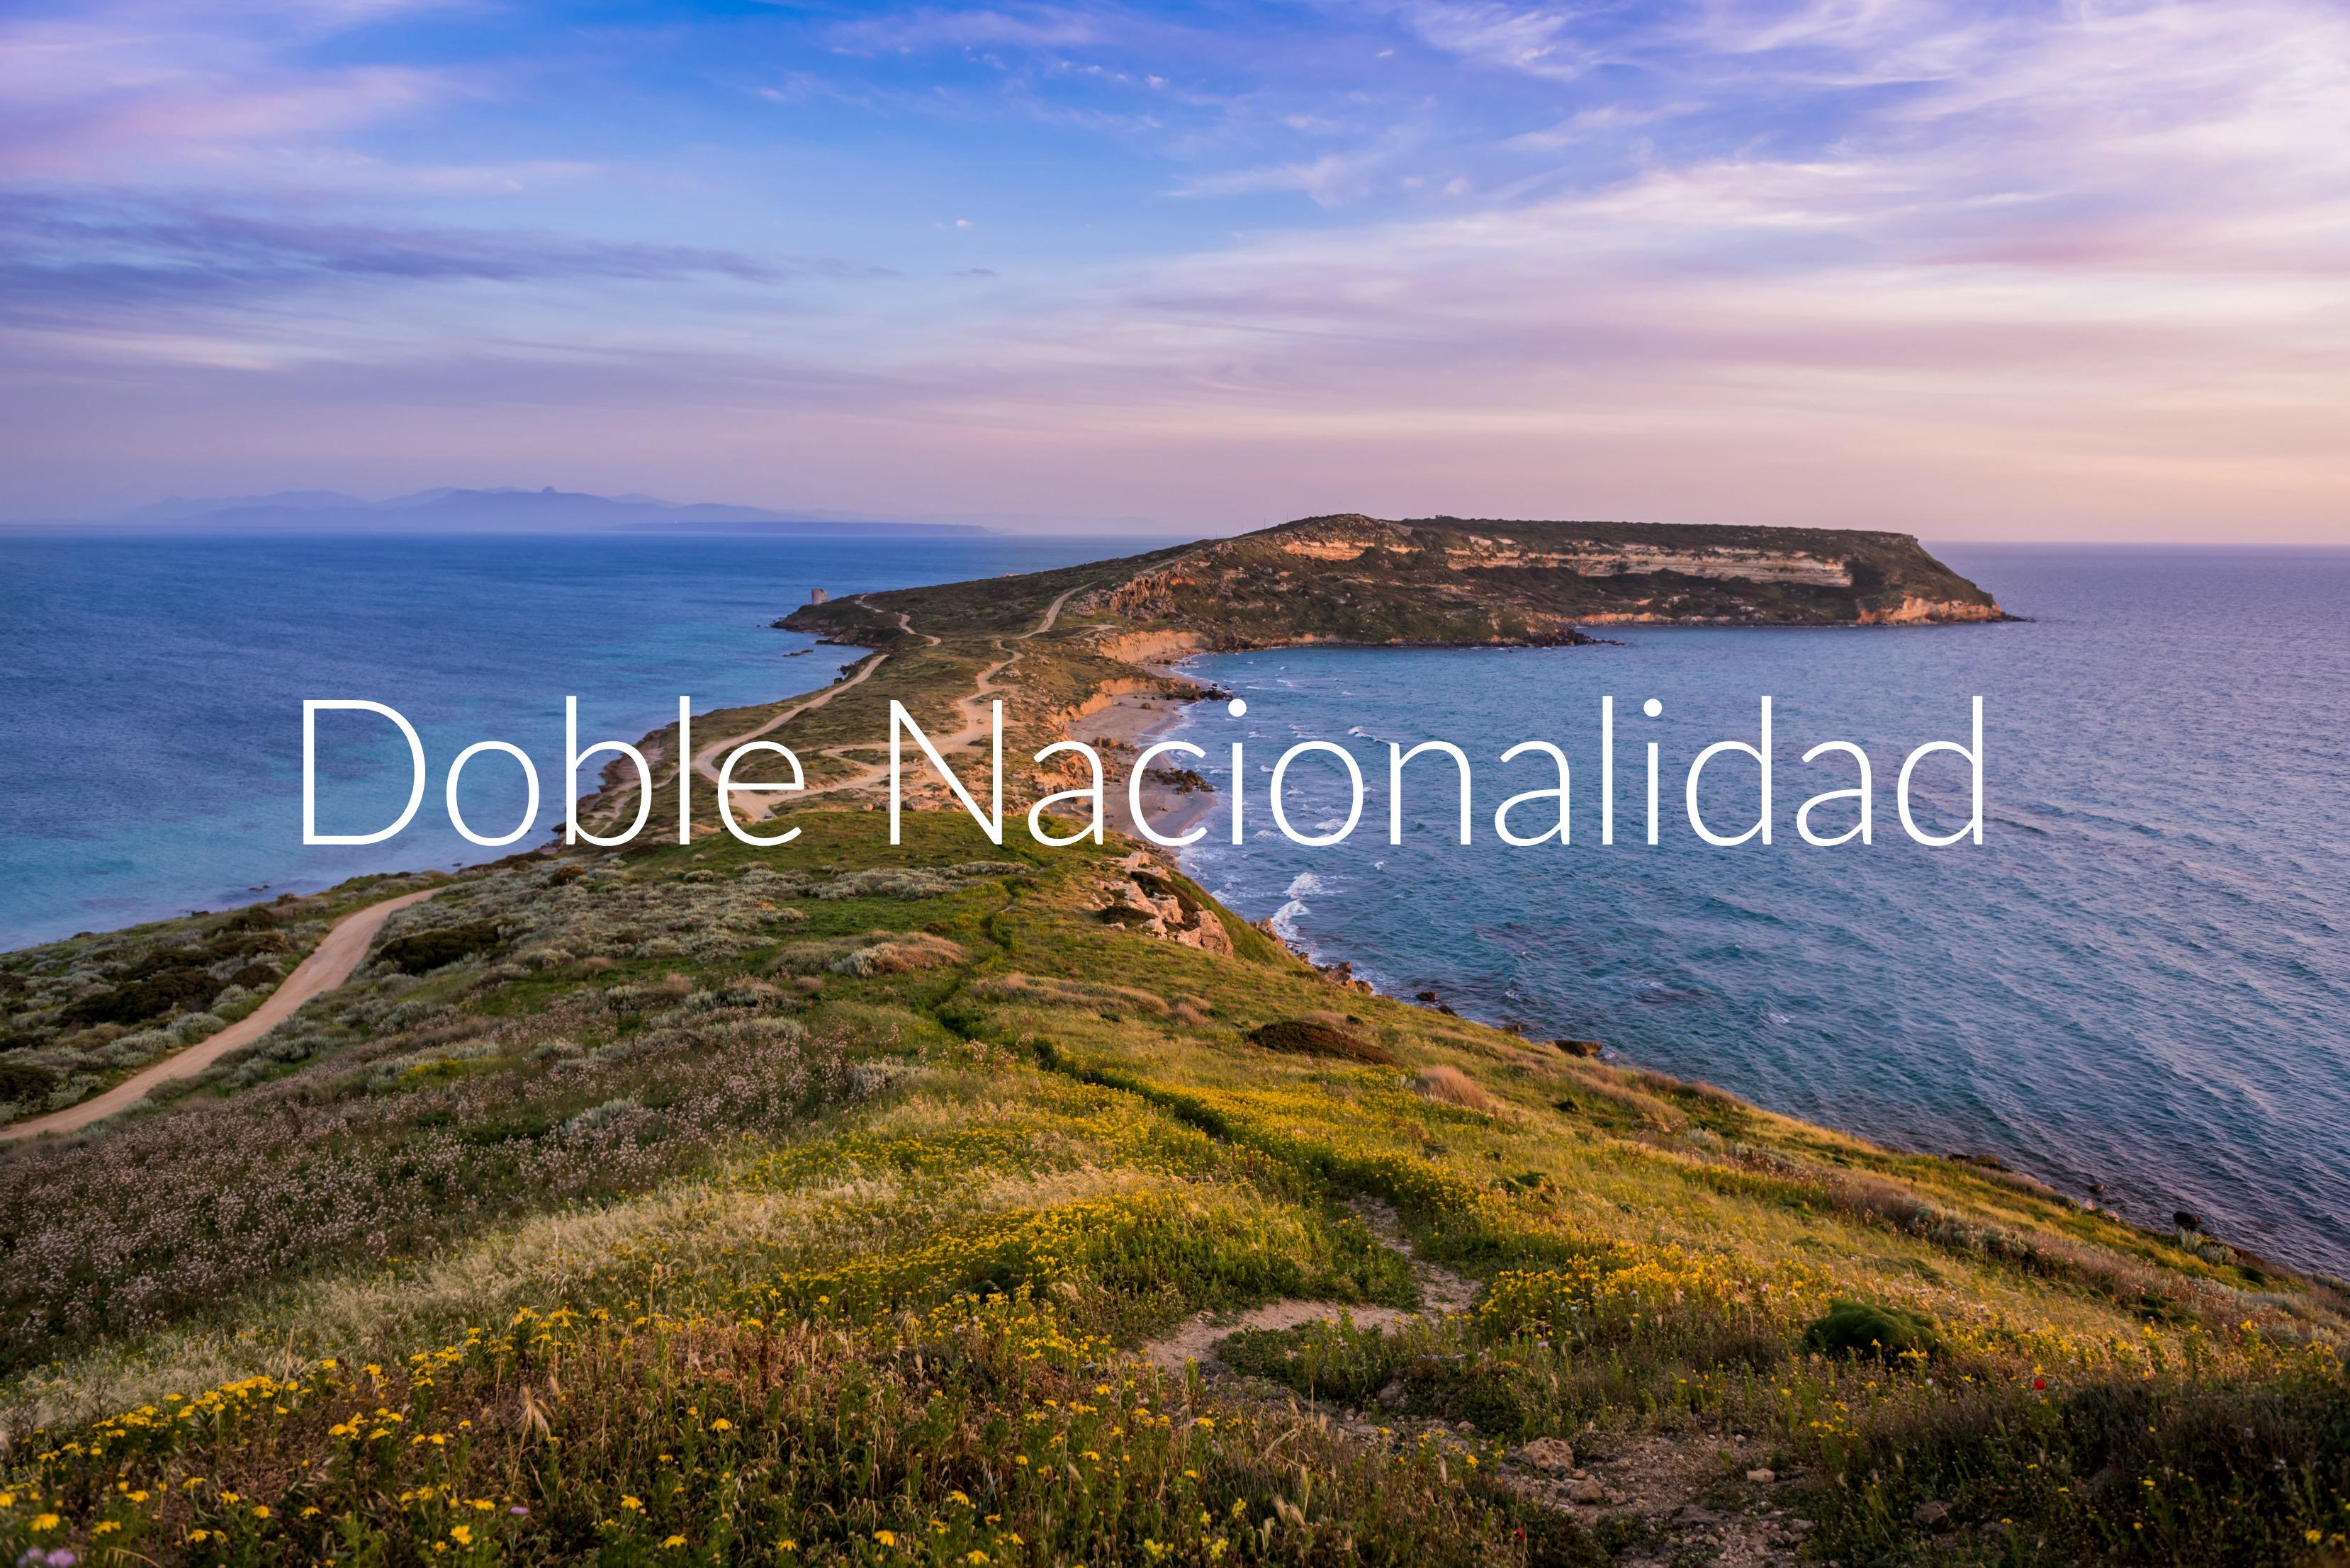 Abogado de Inmigracion en Hialeah - Doble Nacionalidad